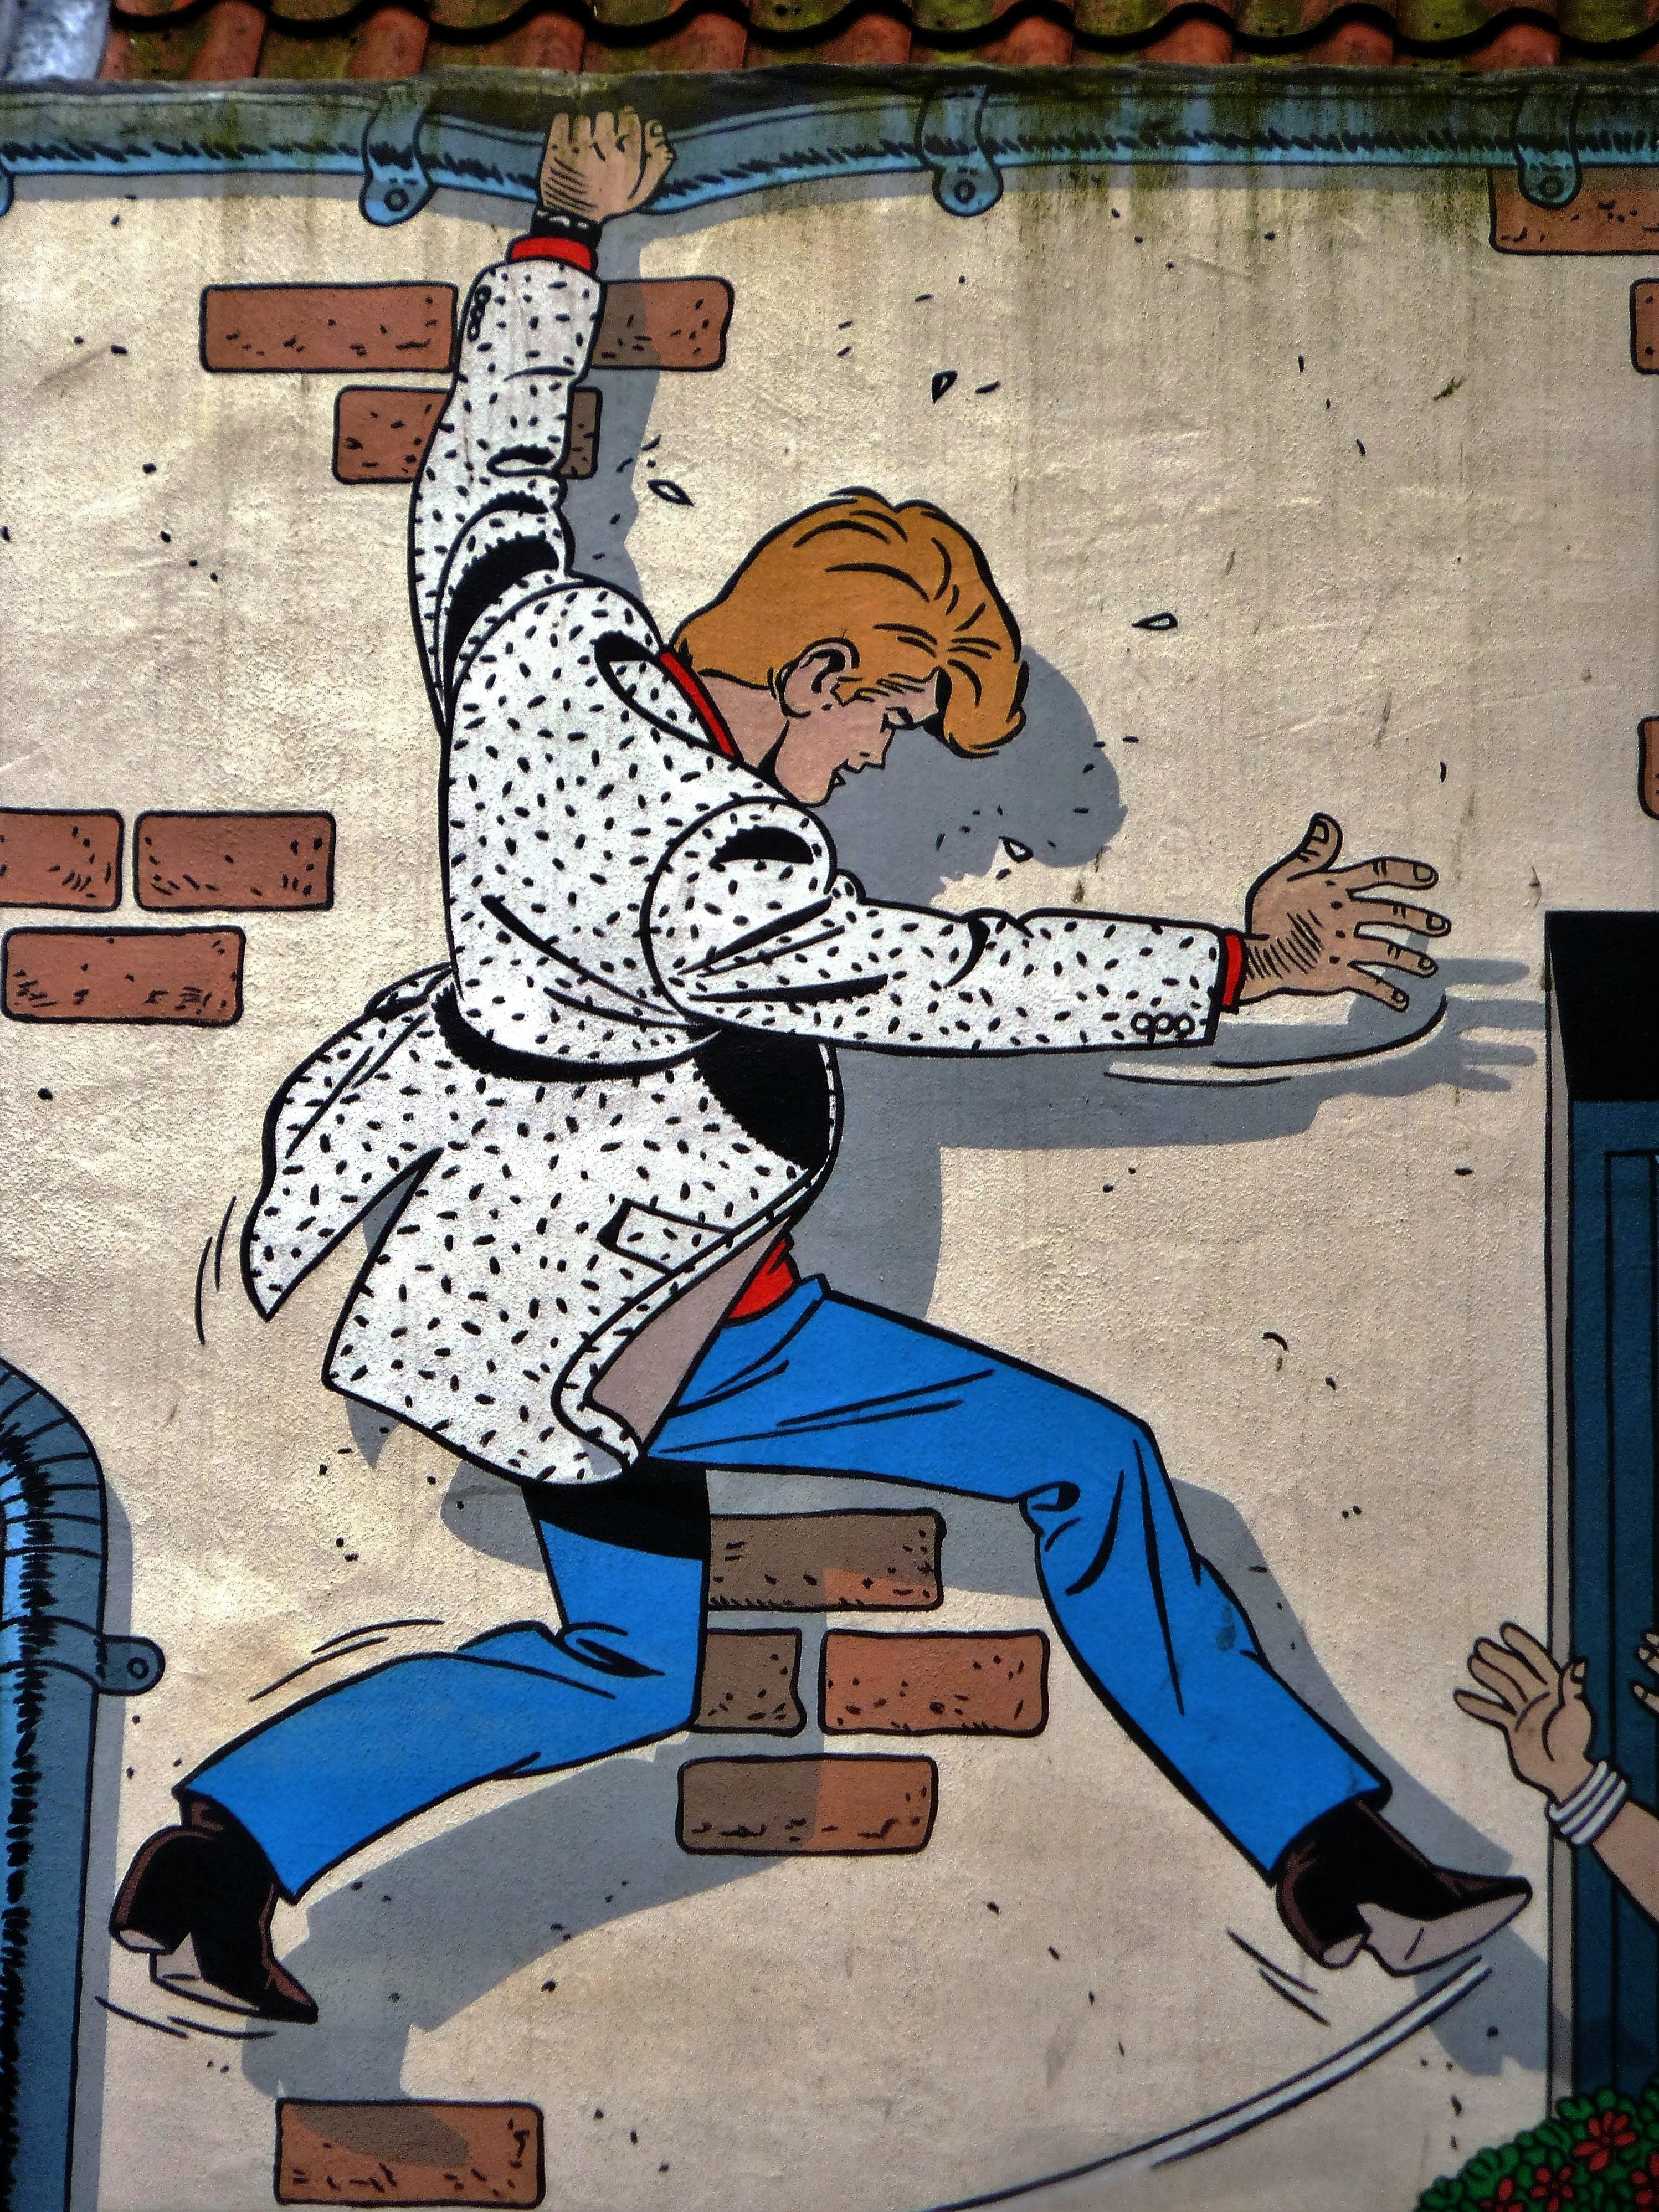 Gambar Jatuh Gerakan Keseimbangan Seni Jalanan Brussels